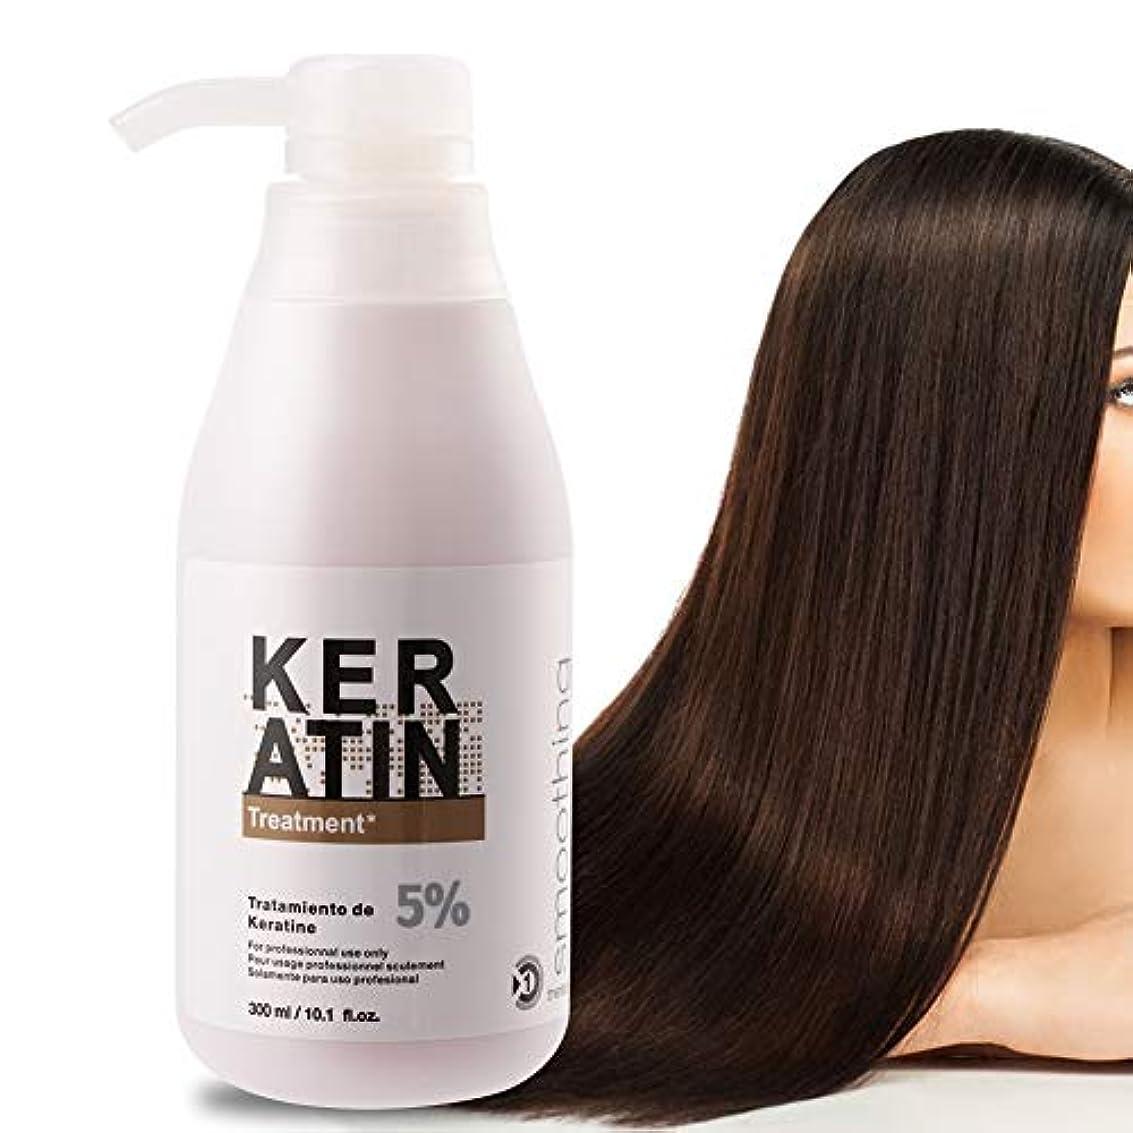 楽観解釈的マリン乾いた、ダメージを受けた、そして化学的に処理された髪のためのケラチンとタンパク質のケラチンヘアマスク、300mlブラジルのケラチンヘアトリートメント